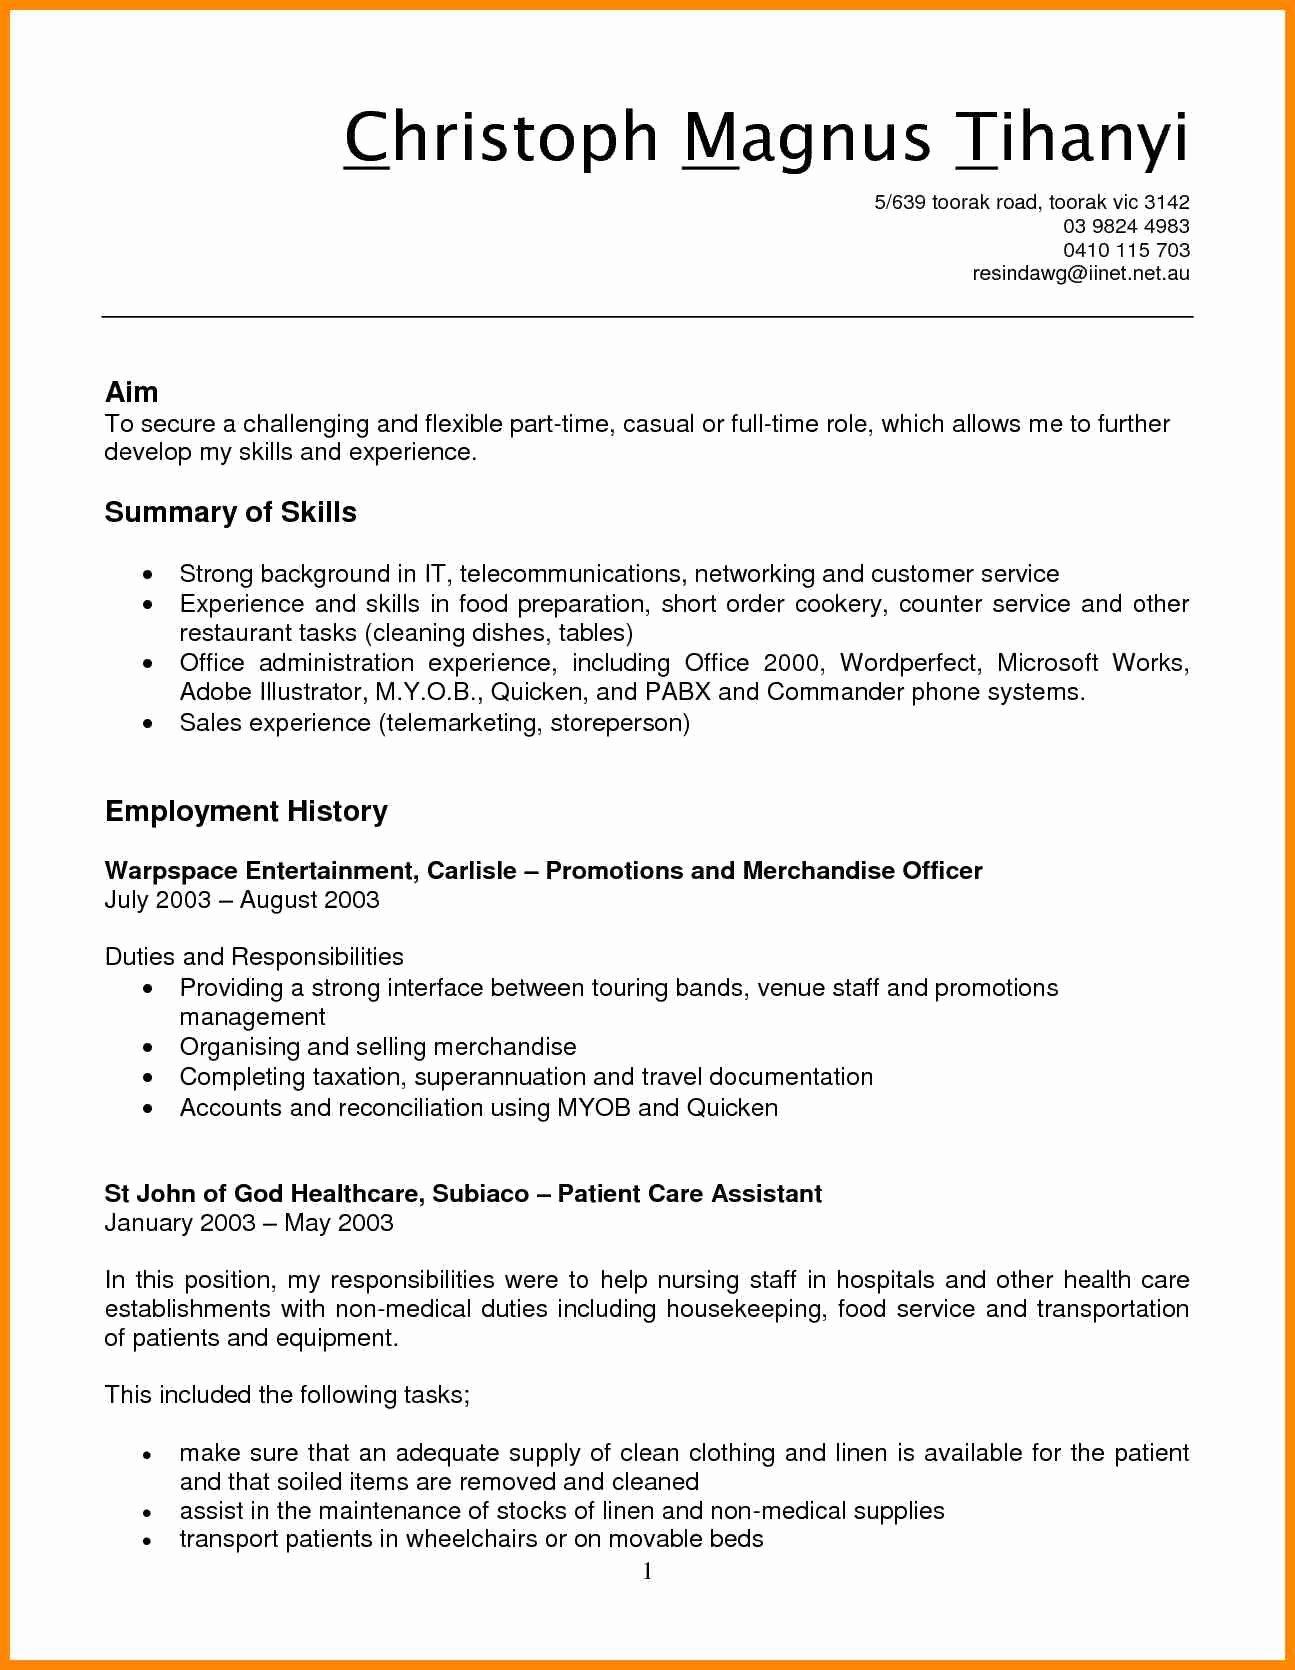 Job Description for Dispatcher Luxury 12 13 Dispatcher Duties and Responsibilities Resume